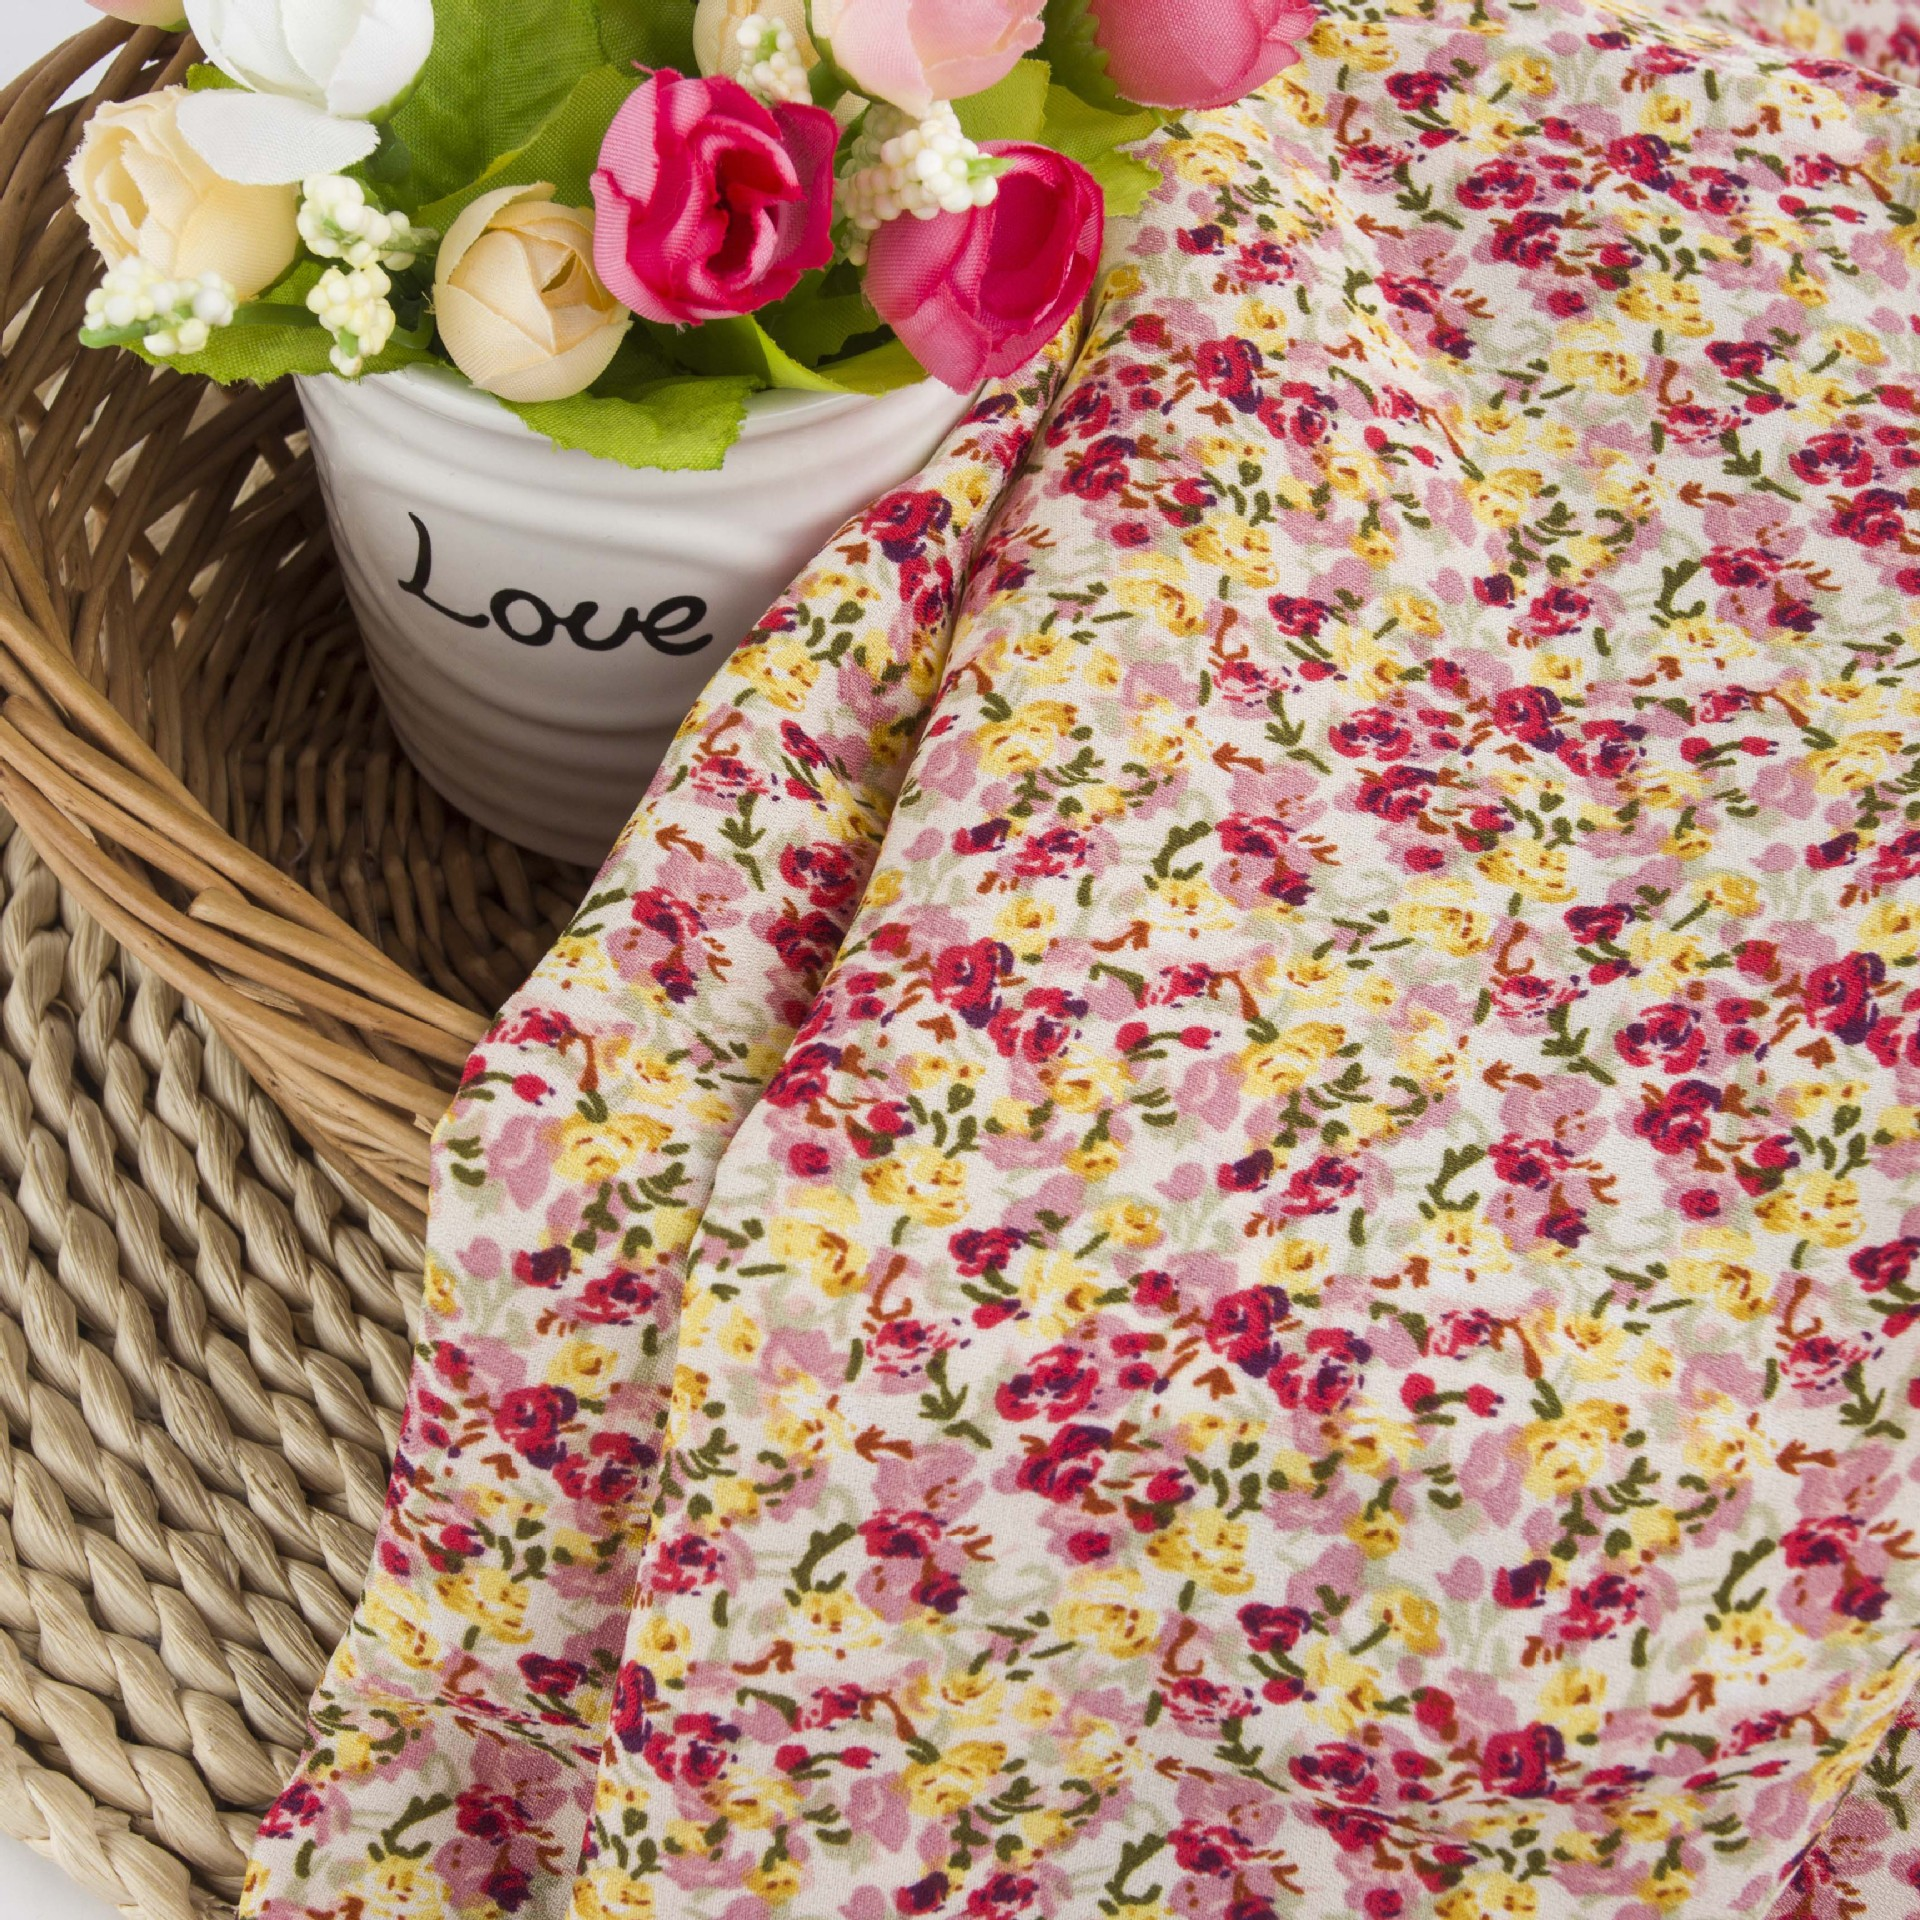 HUAYIFANG Vải Chiffon & Printing 2020 Sản phẩm mới Babaoge Vải hoa Vải voan In vải Xử lý hình bản đồ